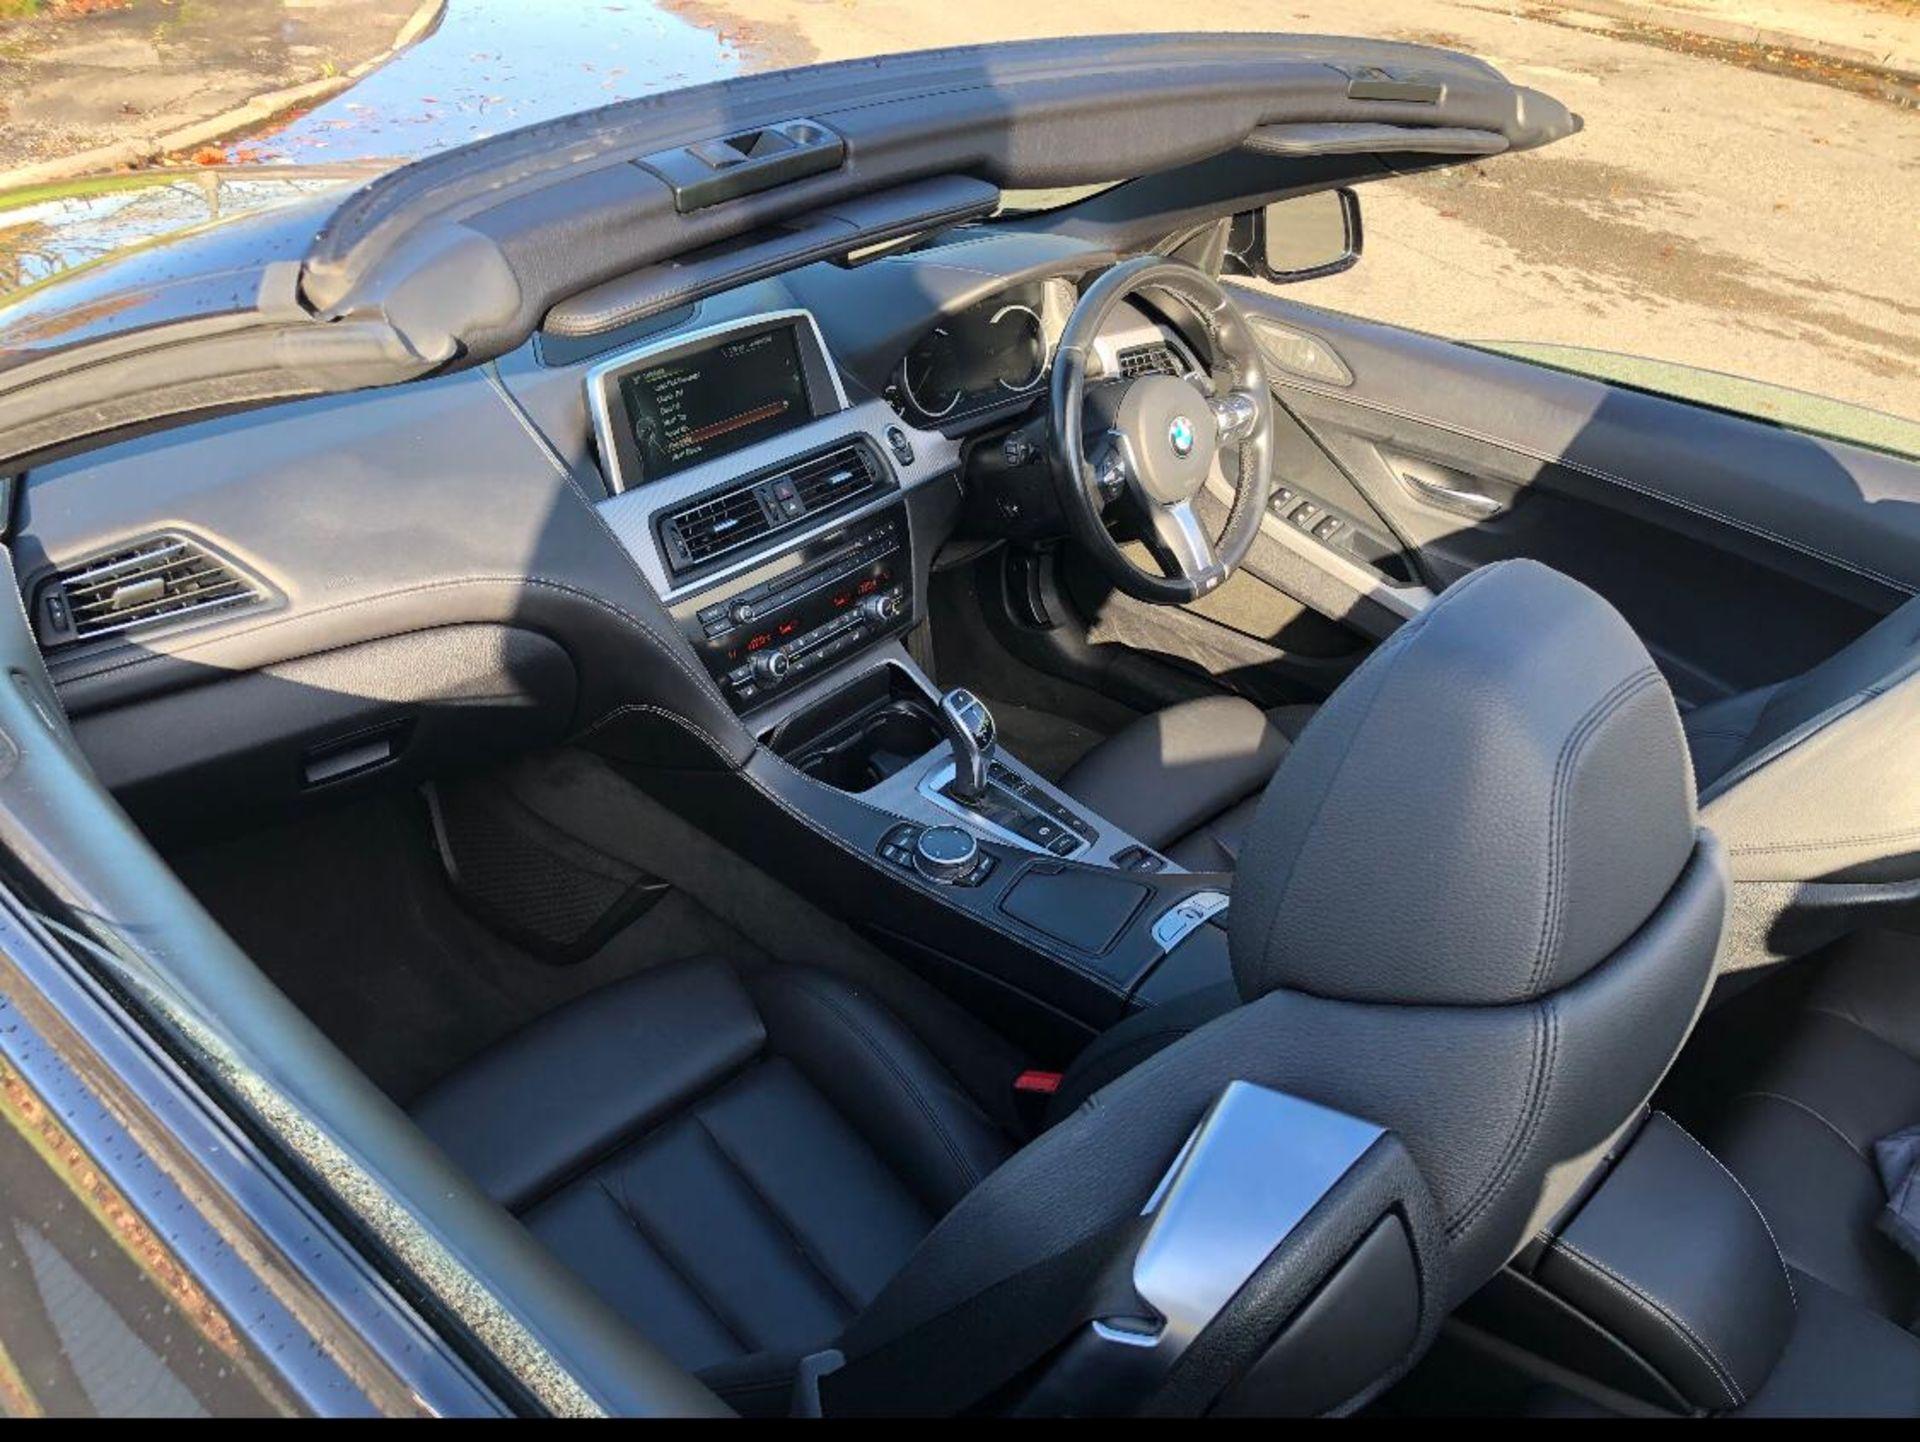 2014/14 REG BMW 640D M SPORT AUTOMATIC 3.0 DIESEL BLACK CONVERTIBLE *NO VAT* - Image 9 of 17